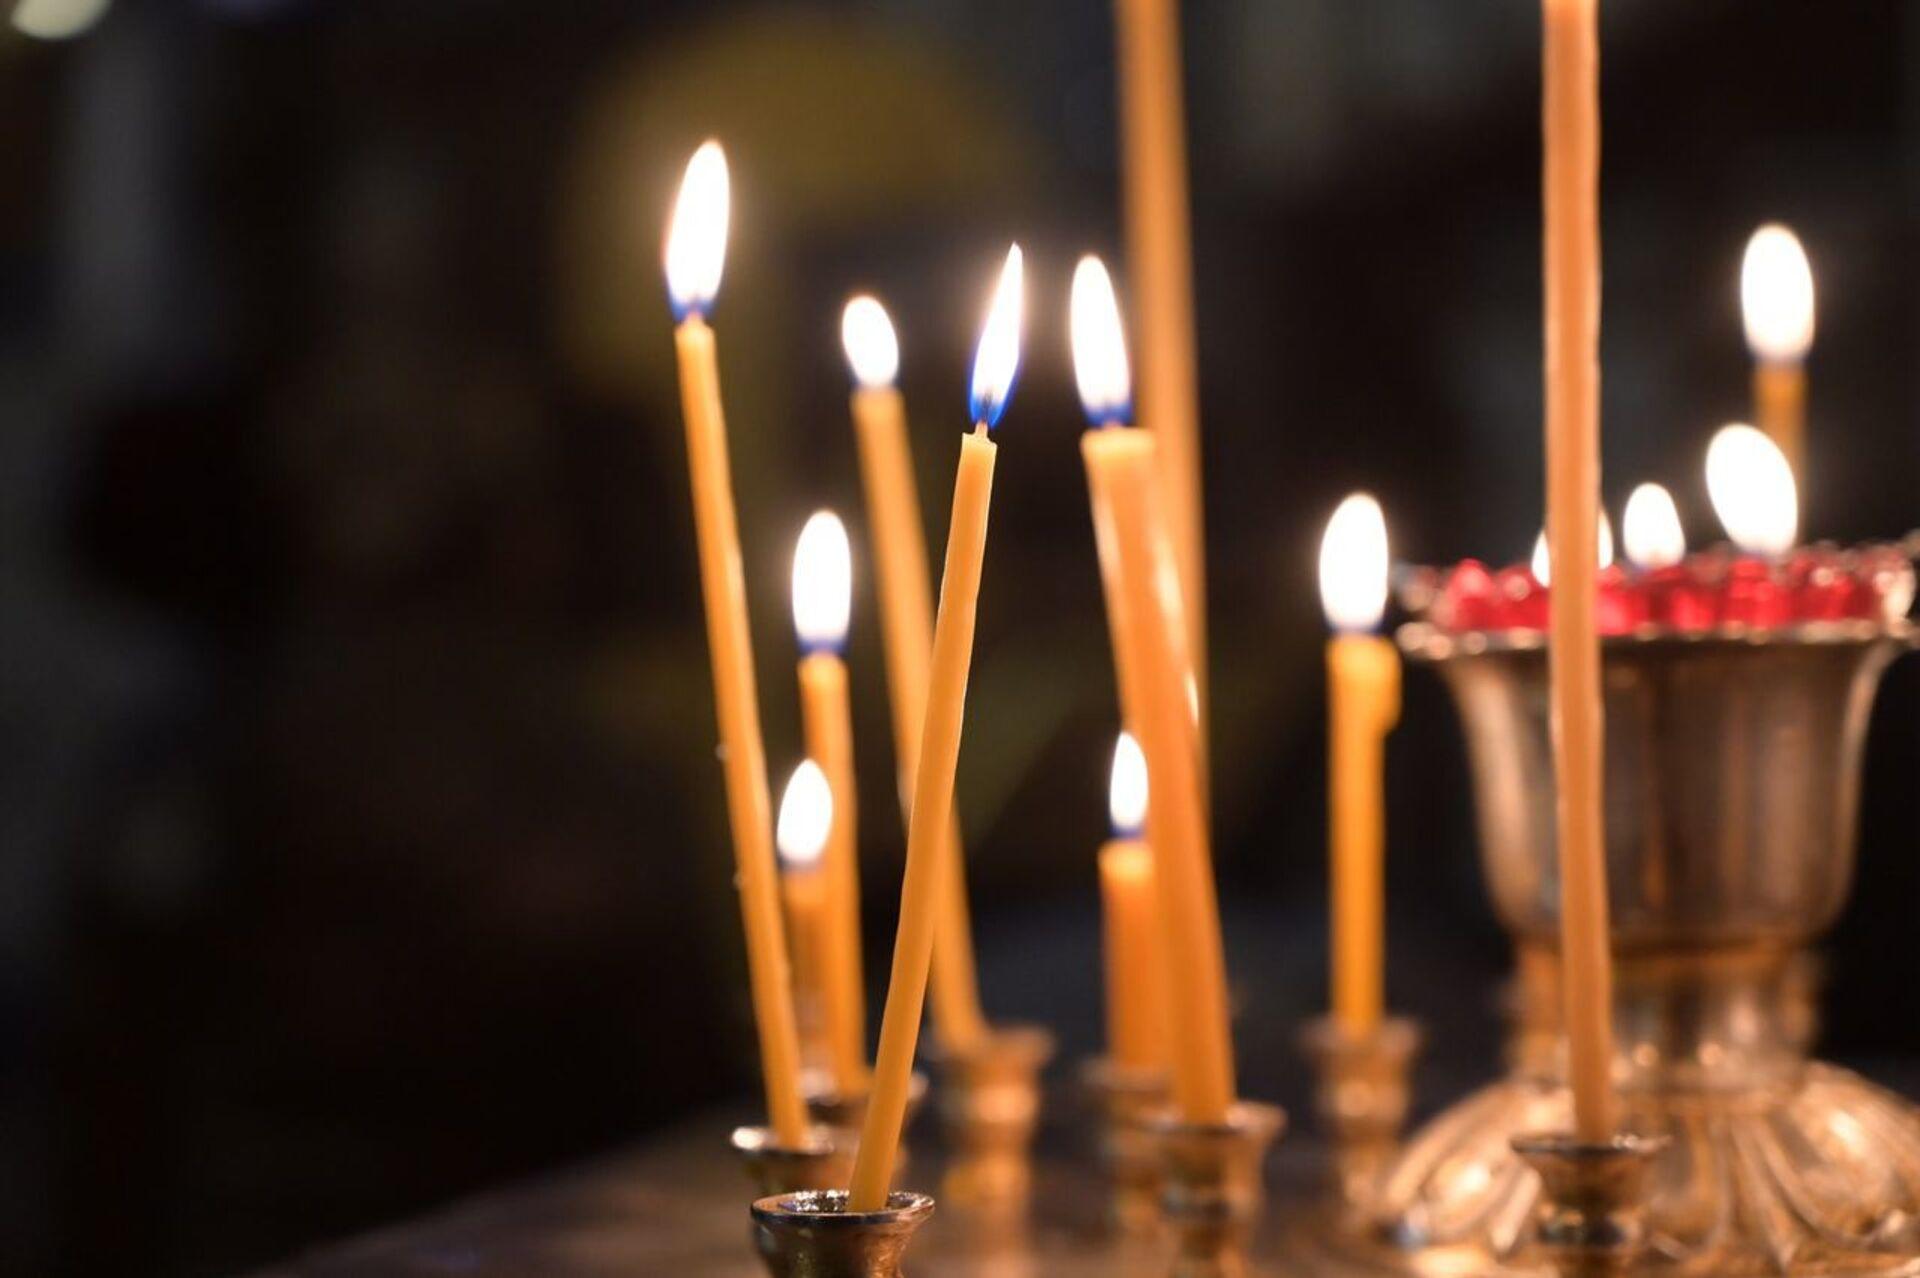 Горящие свечи в церкви - Sputnik Грузия, 1920, 23.09.2021